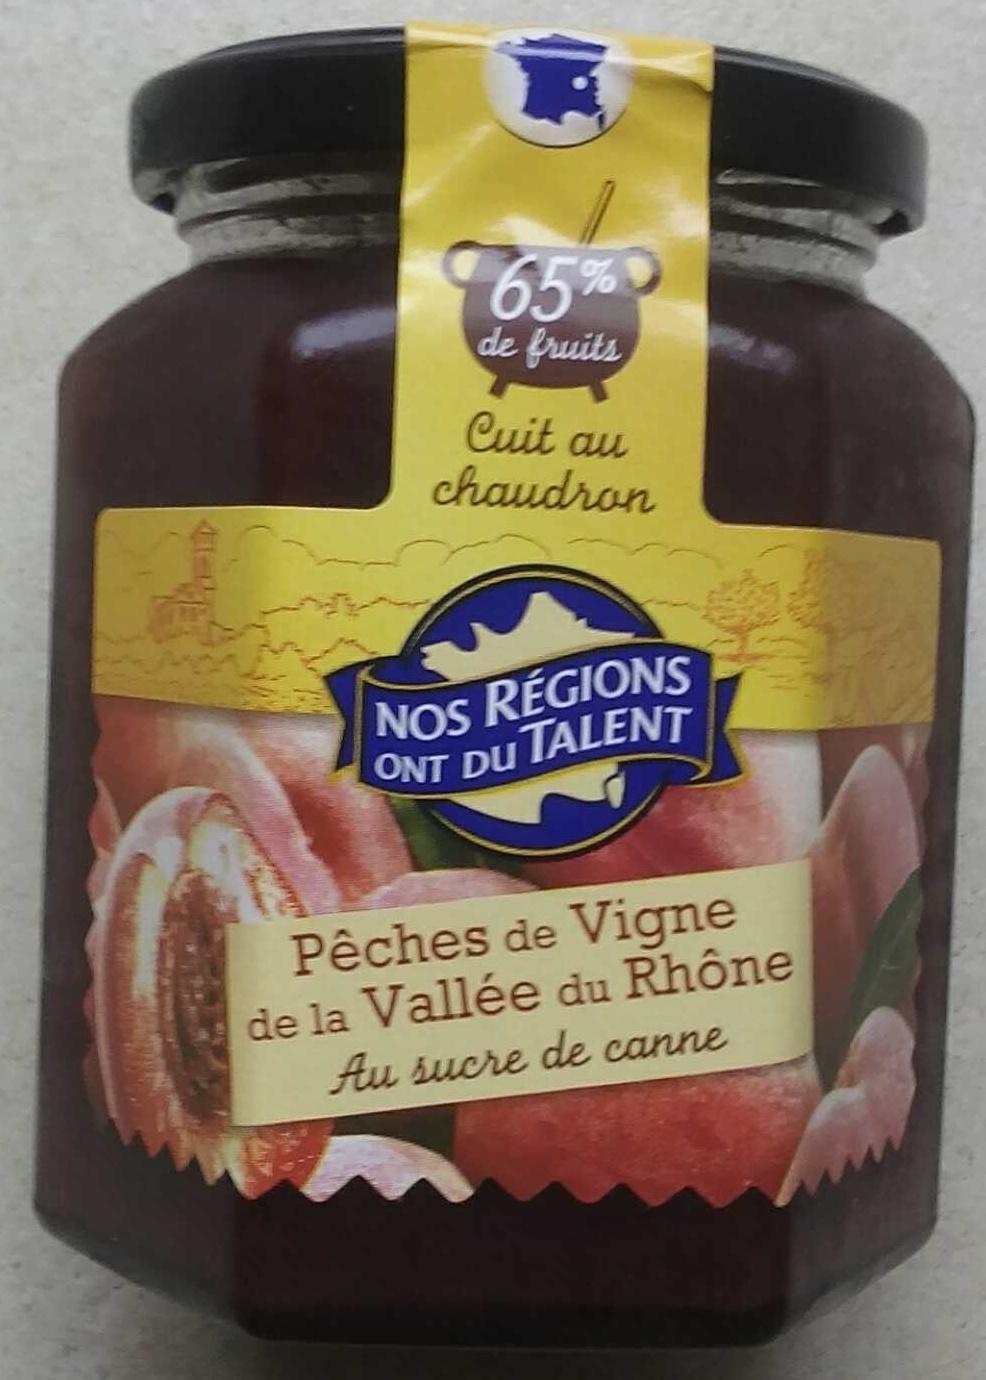 Pêches de Vigne de la Vallée du Rhône - Product - fr